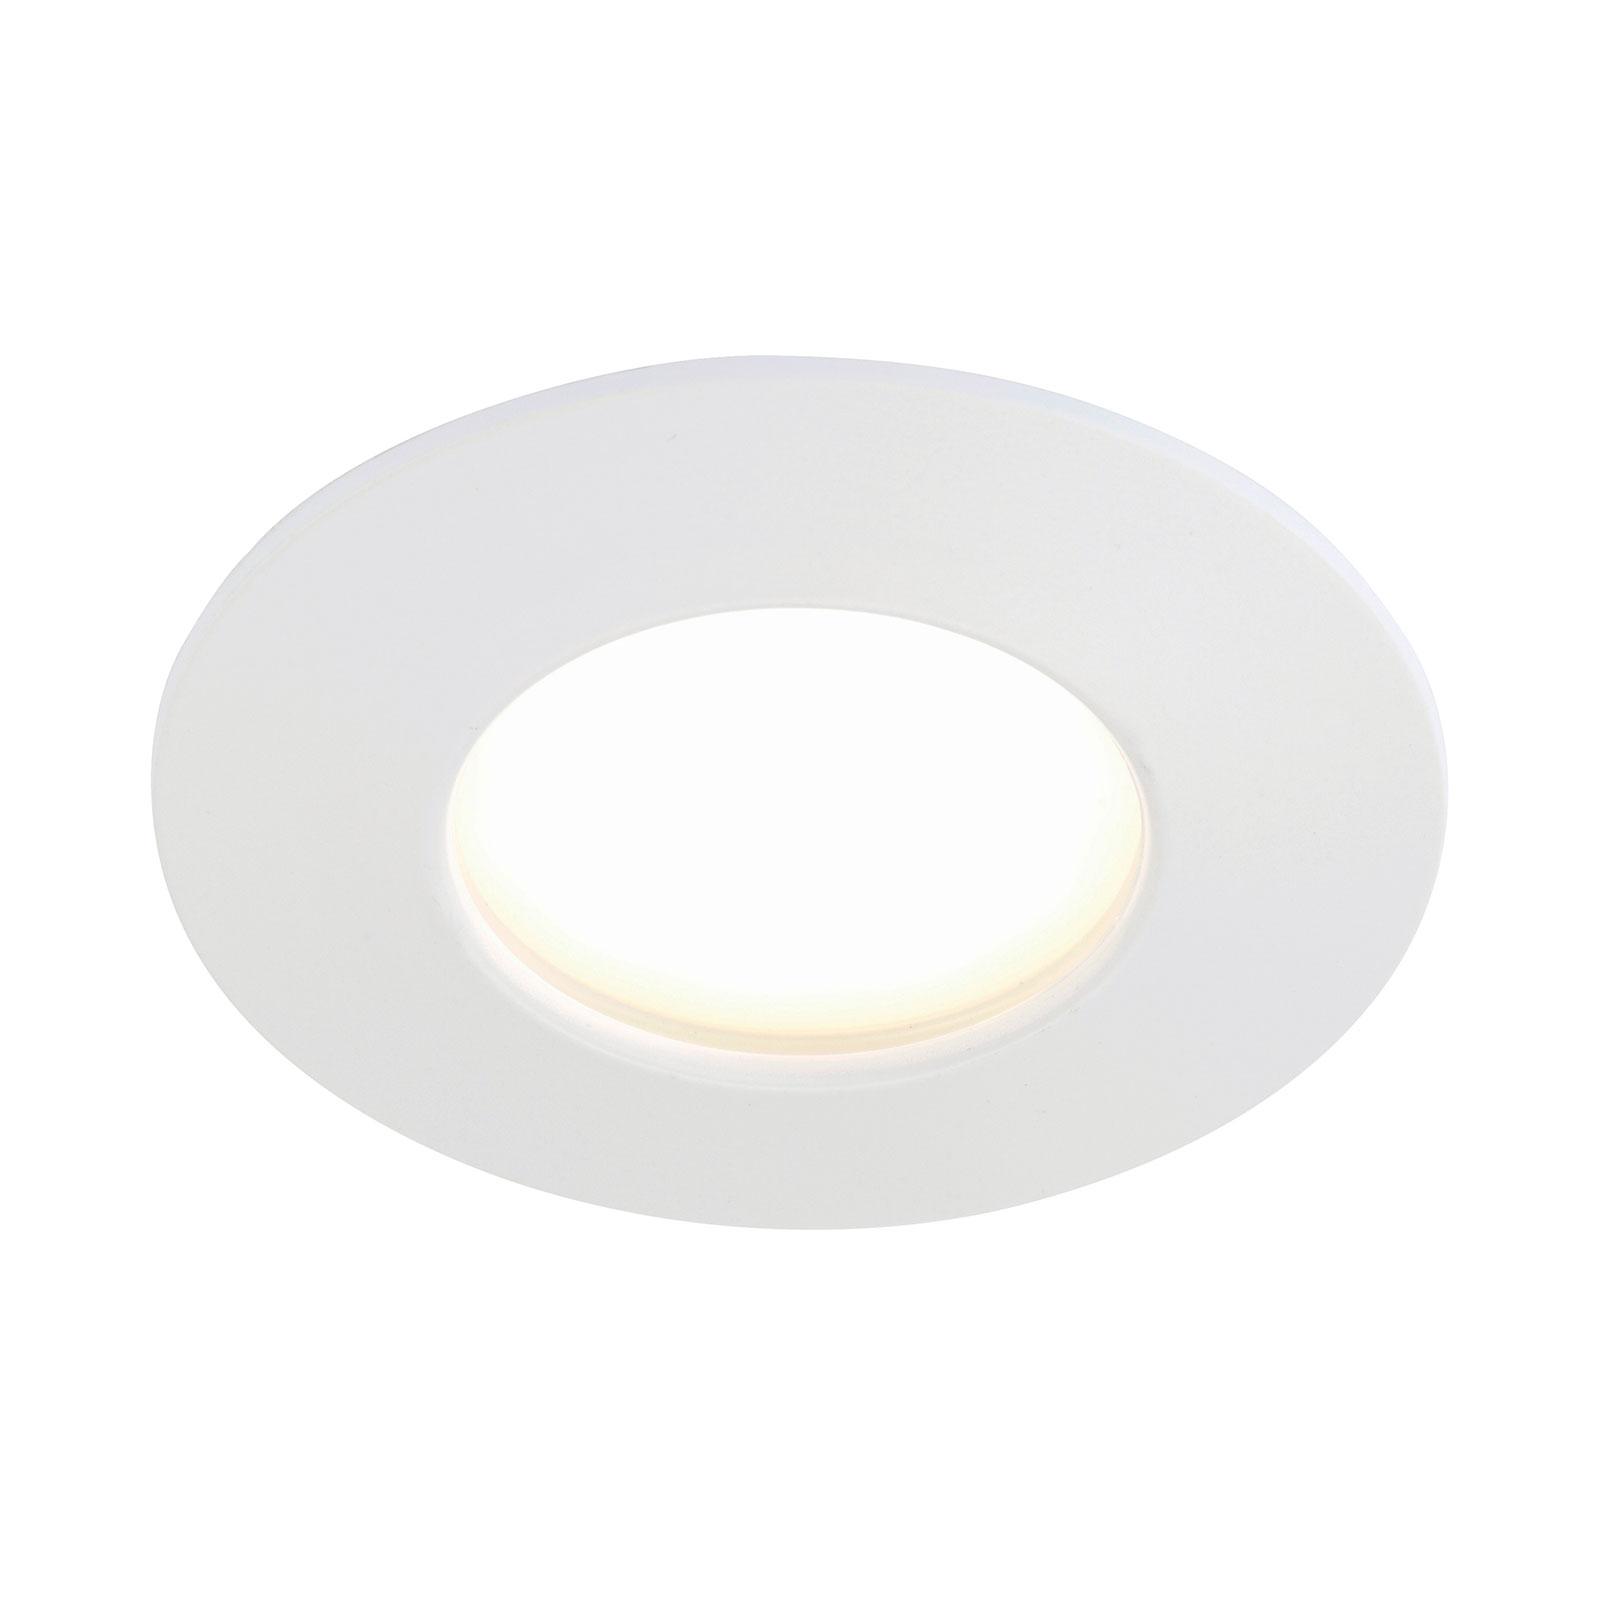 Biała oprawa wpuszczana LED Till na zewnątrz